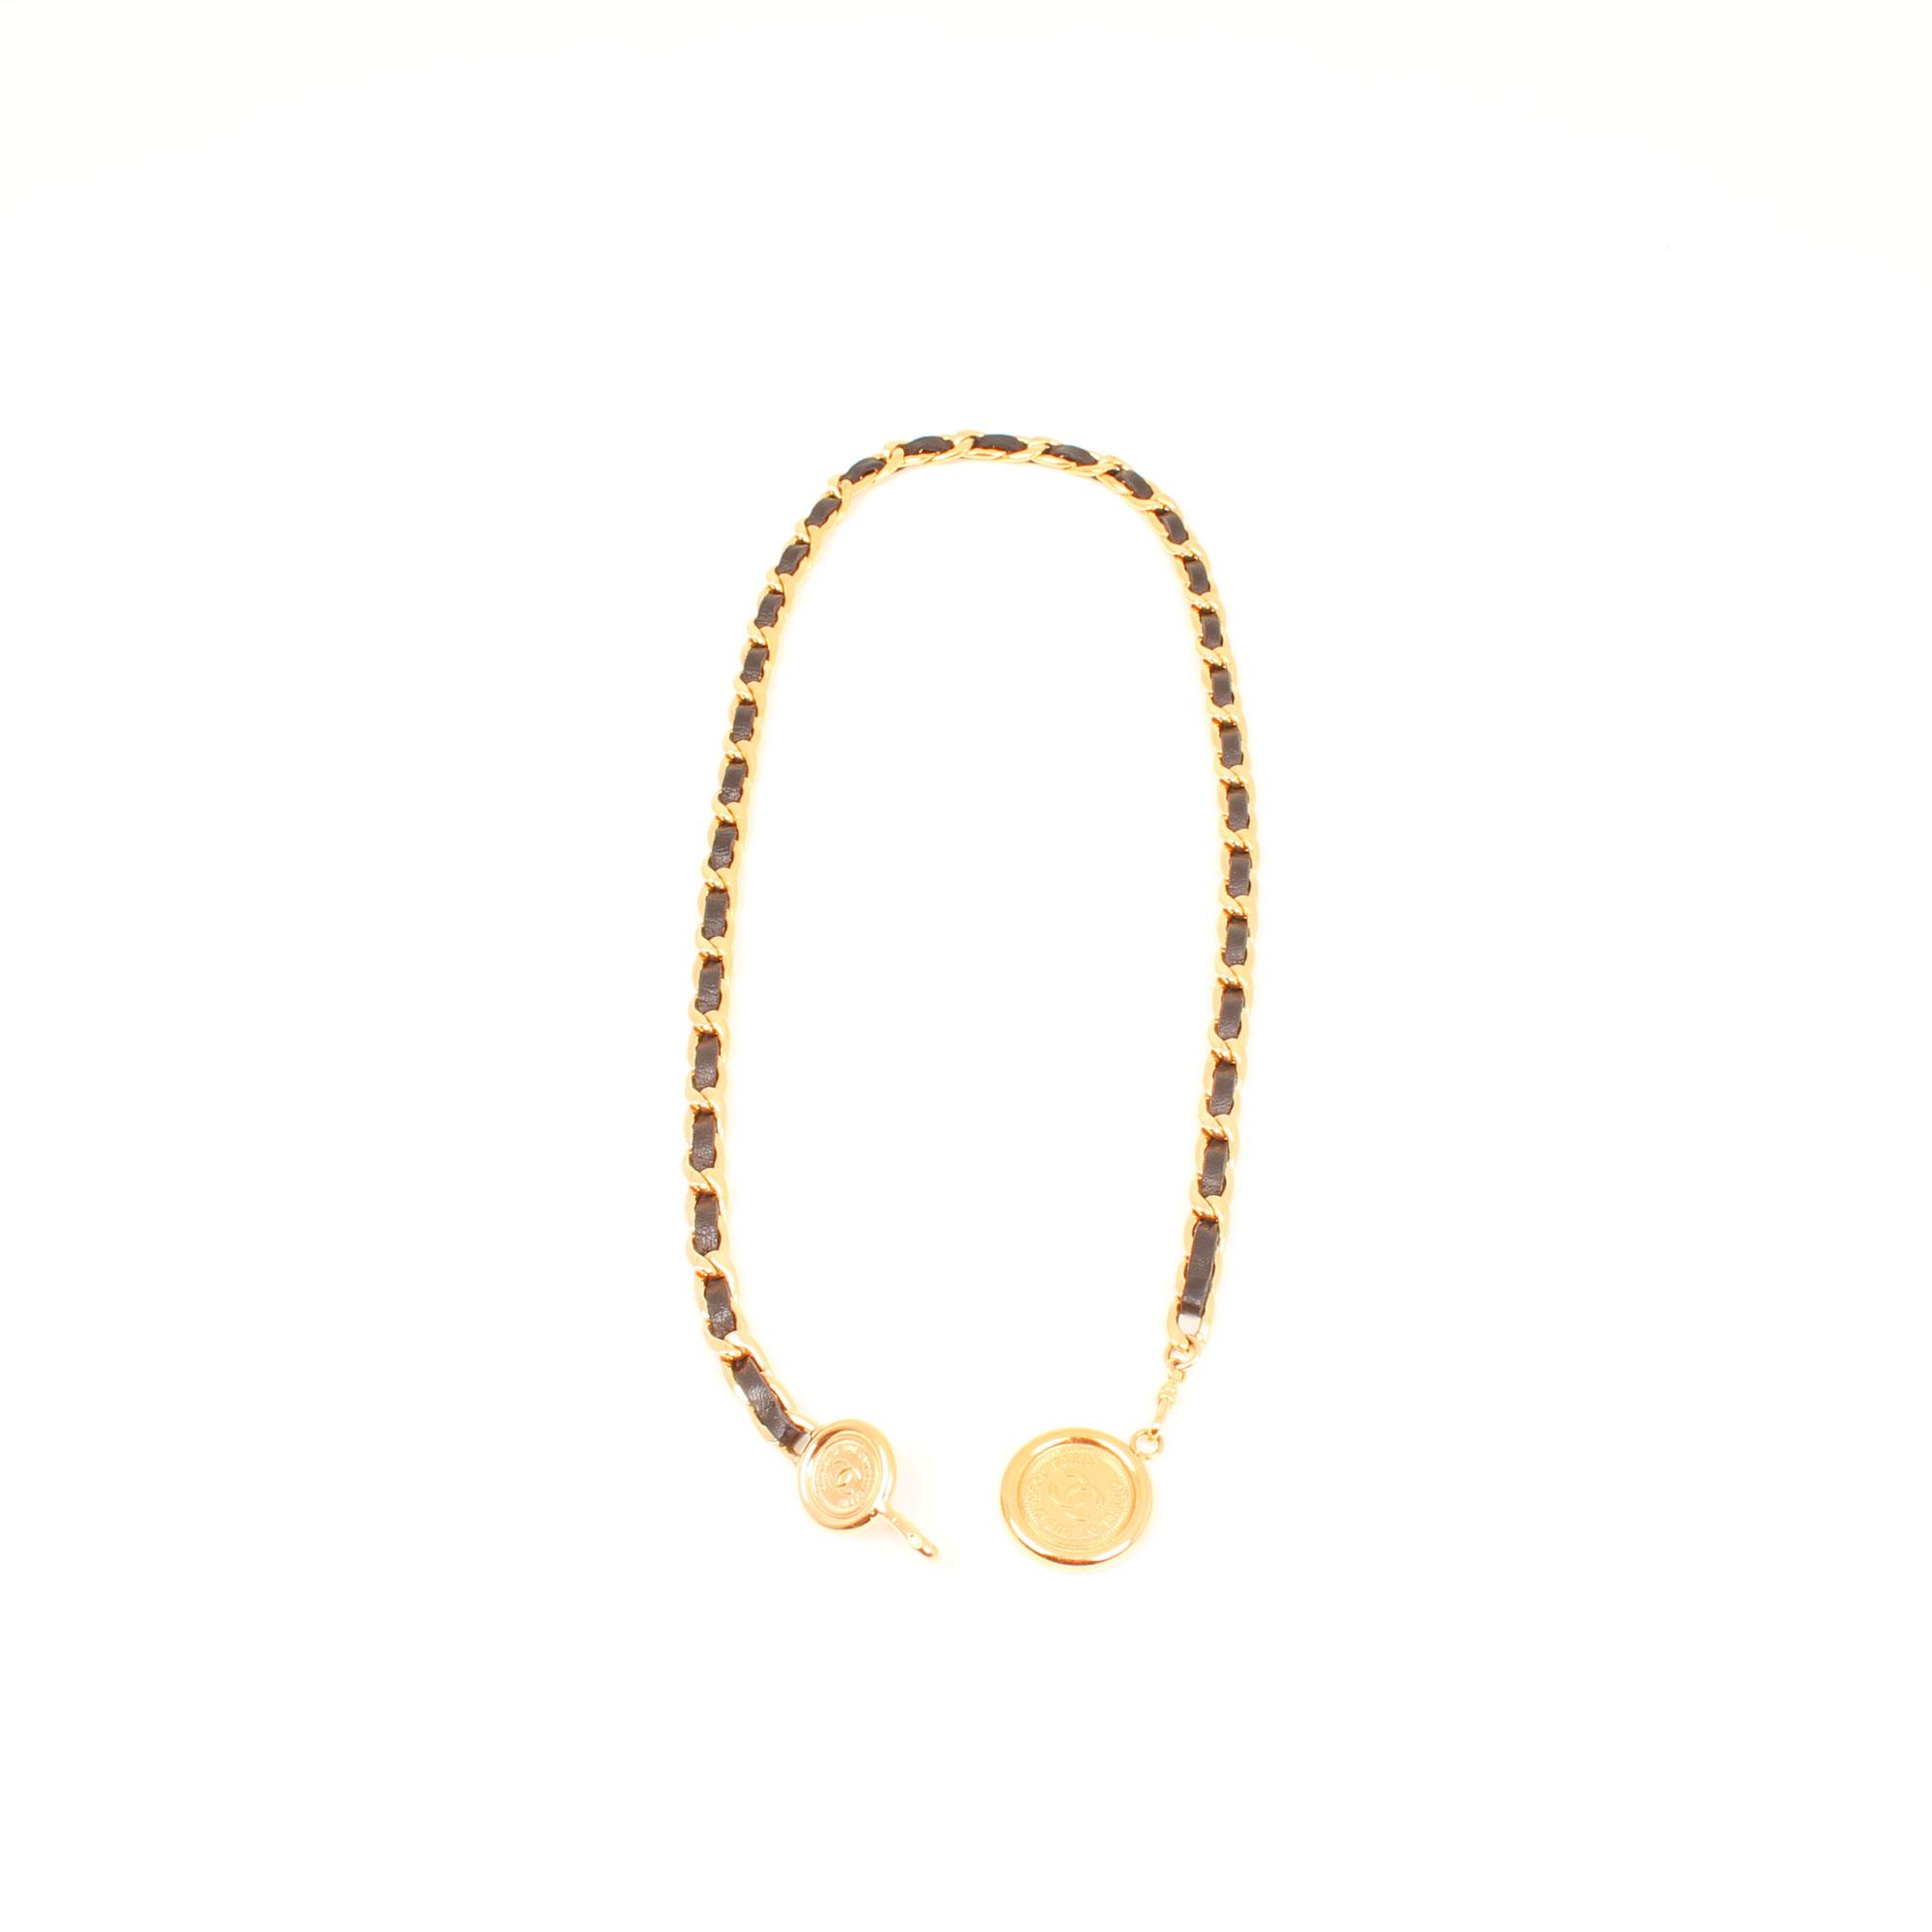 cinturon-chanel-cadena-dorada-cuero-negro-general